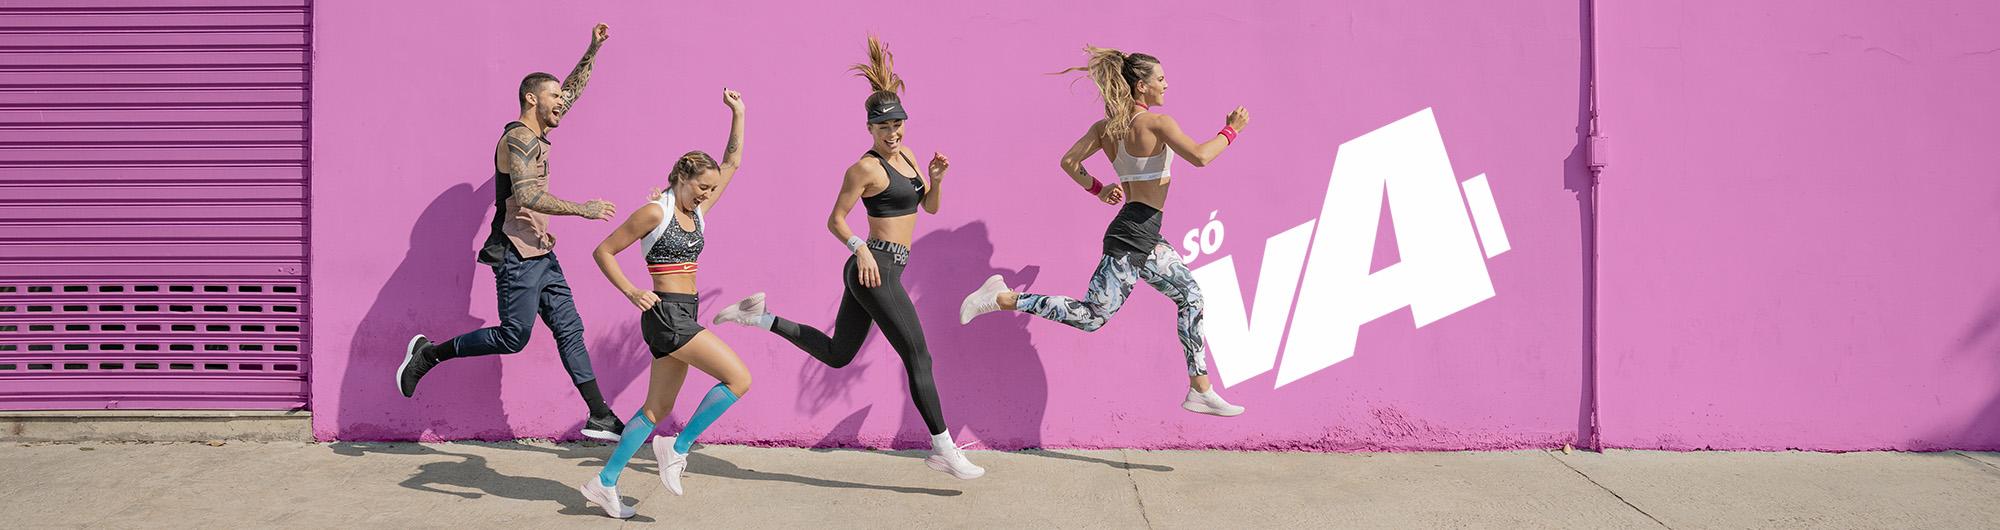 BCAMP-Só Vai Nike React